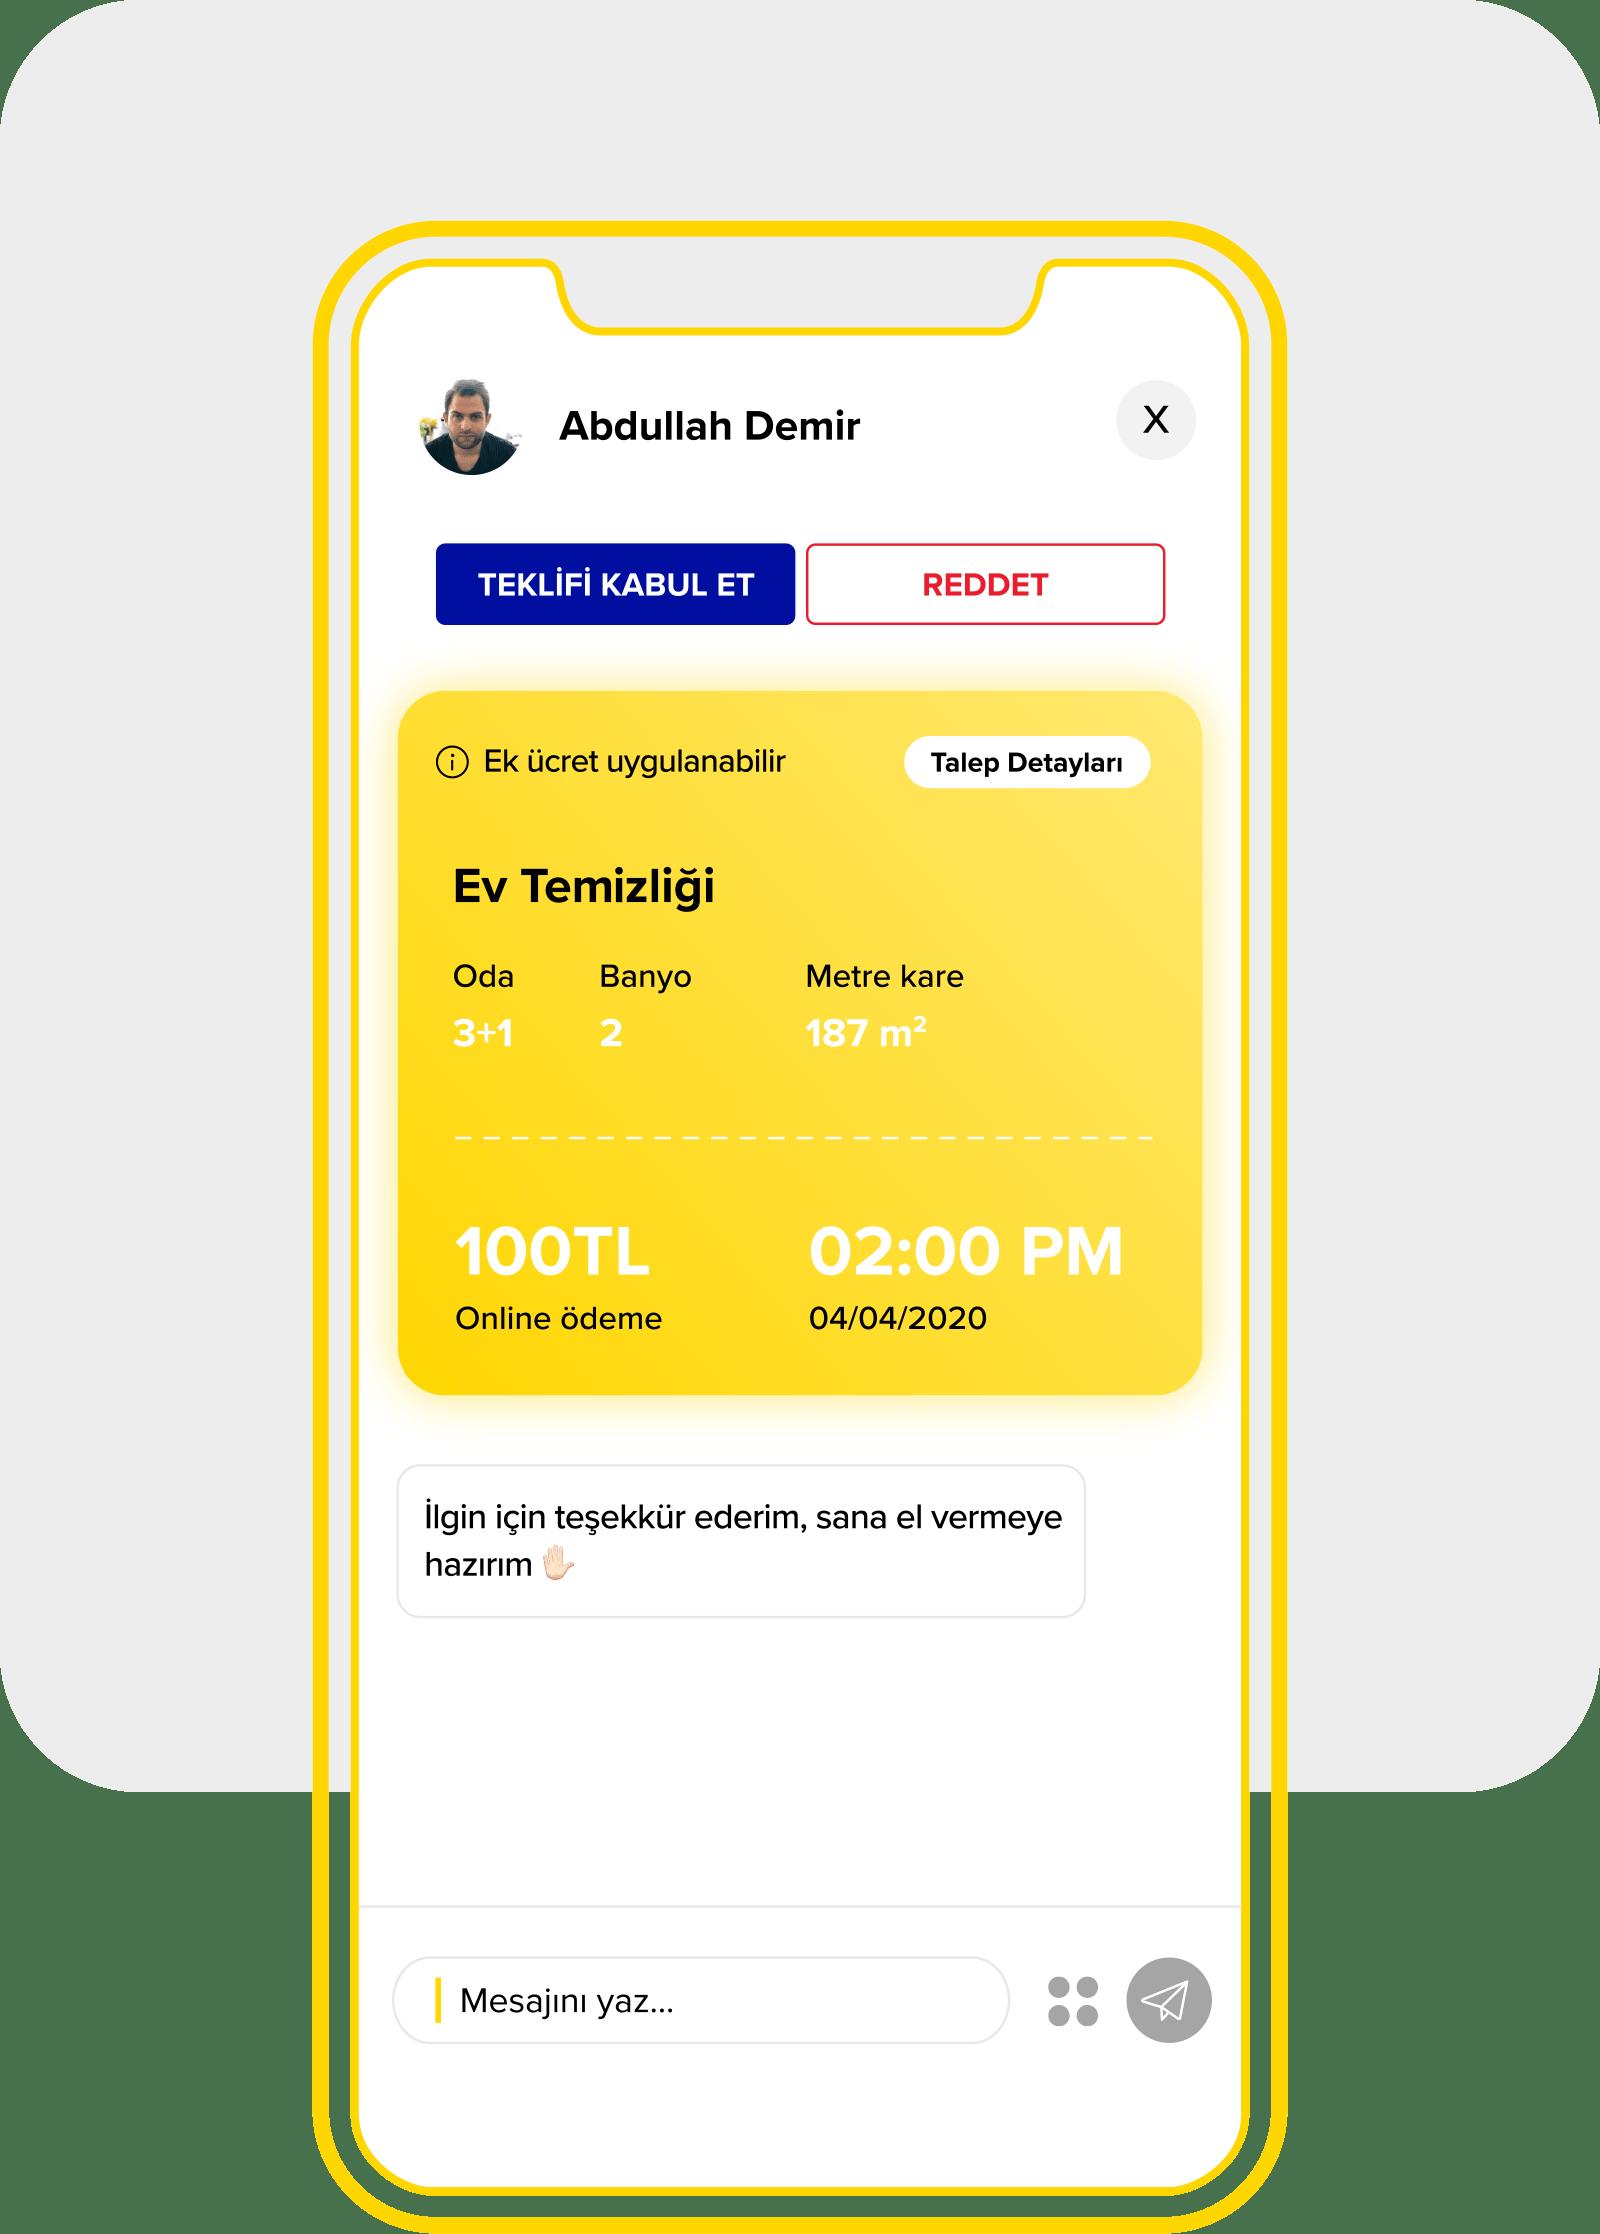 Yandestek gelen teklifi değerlendirme ekranı